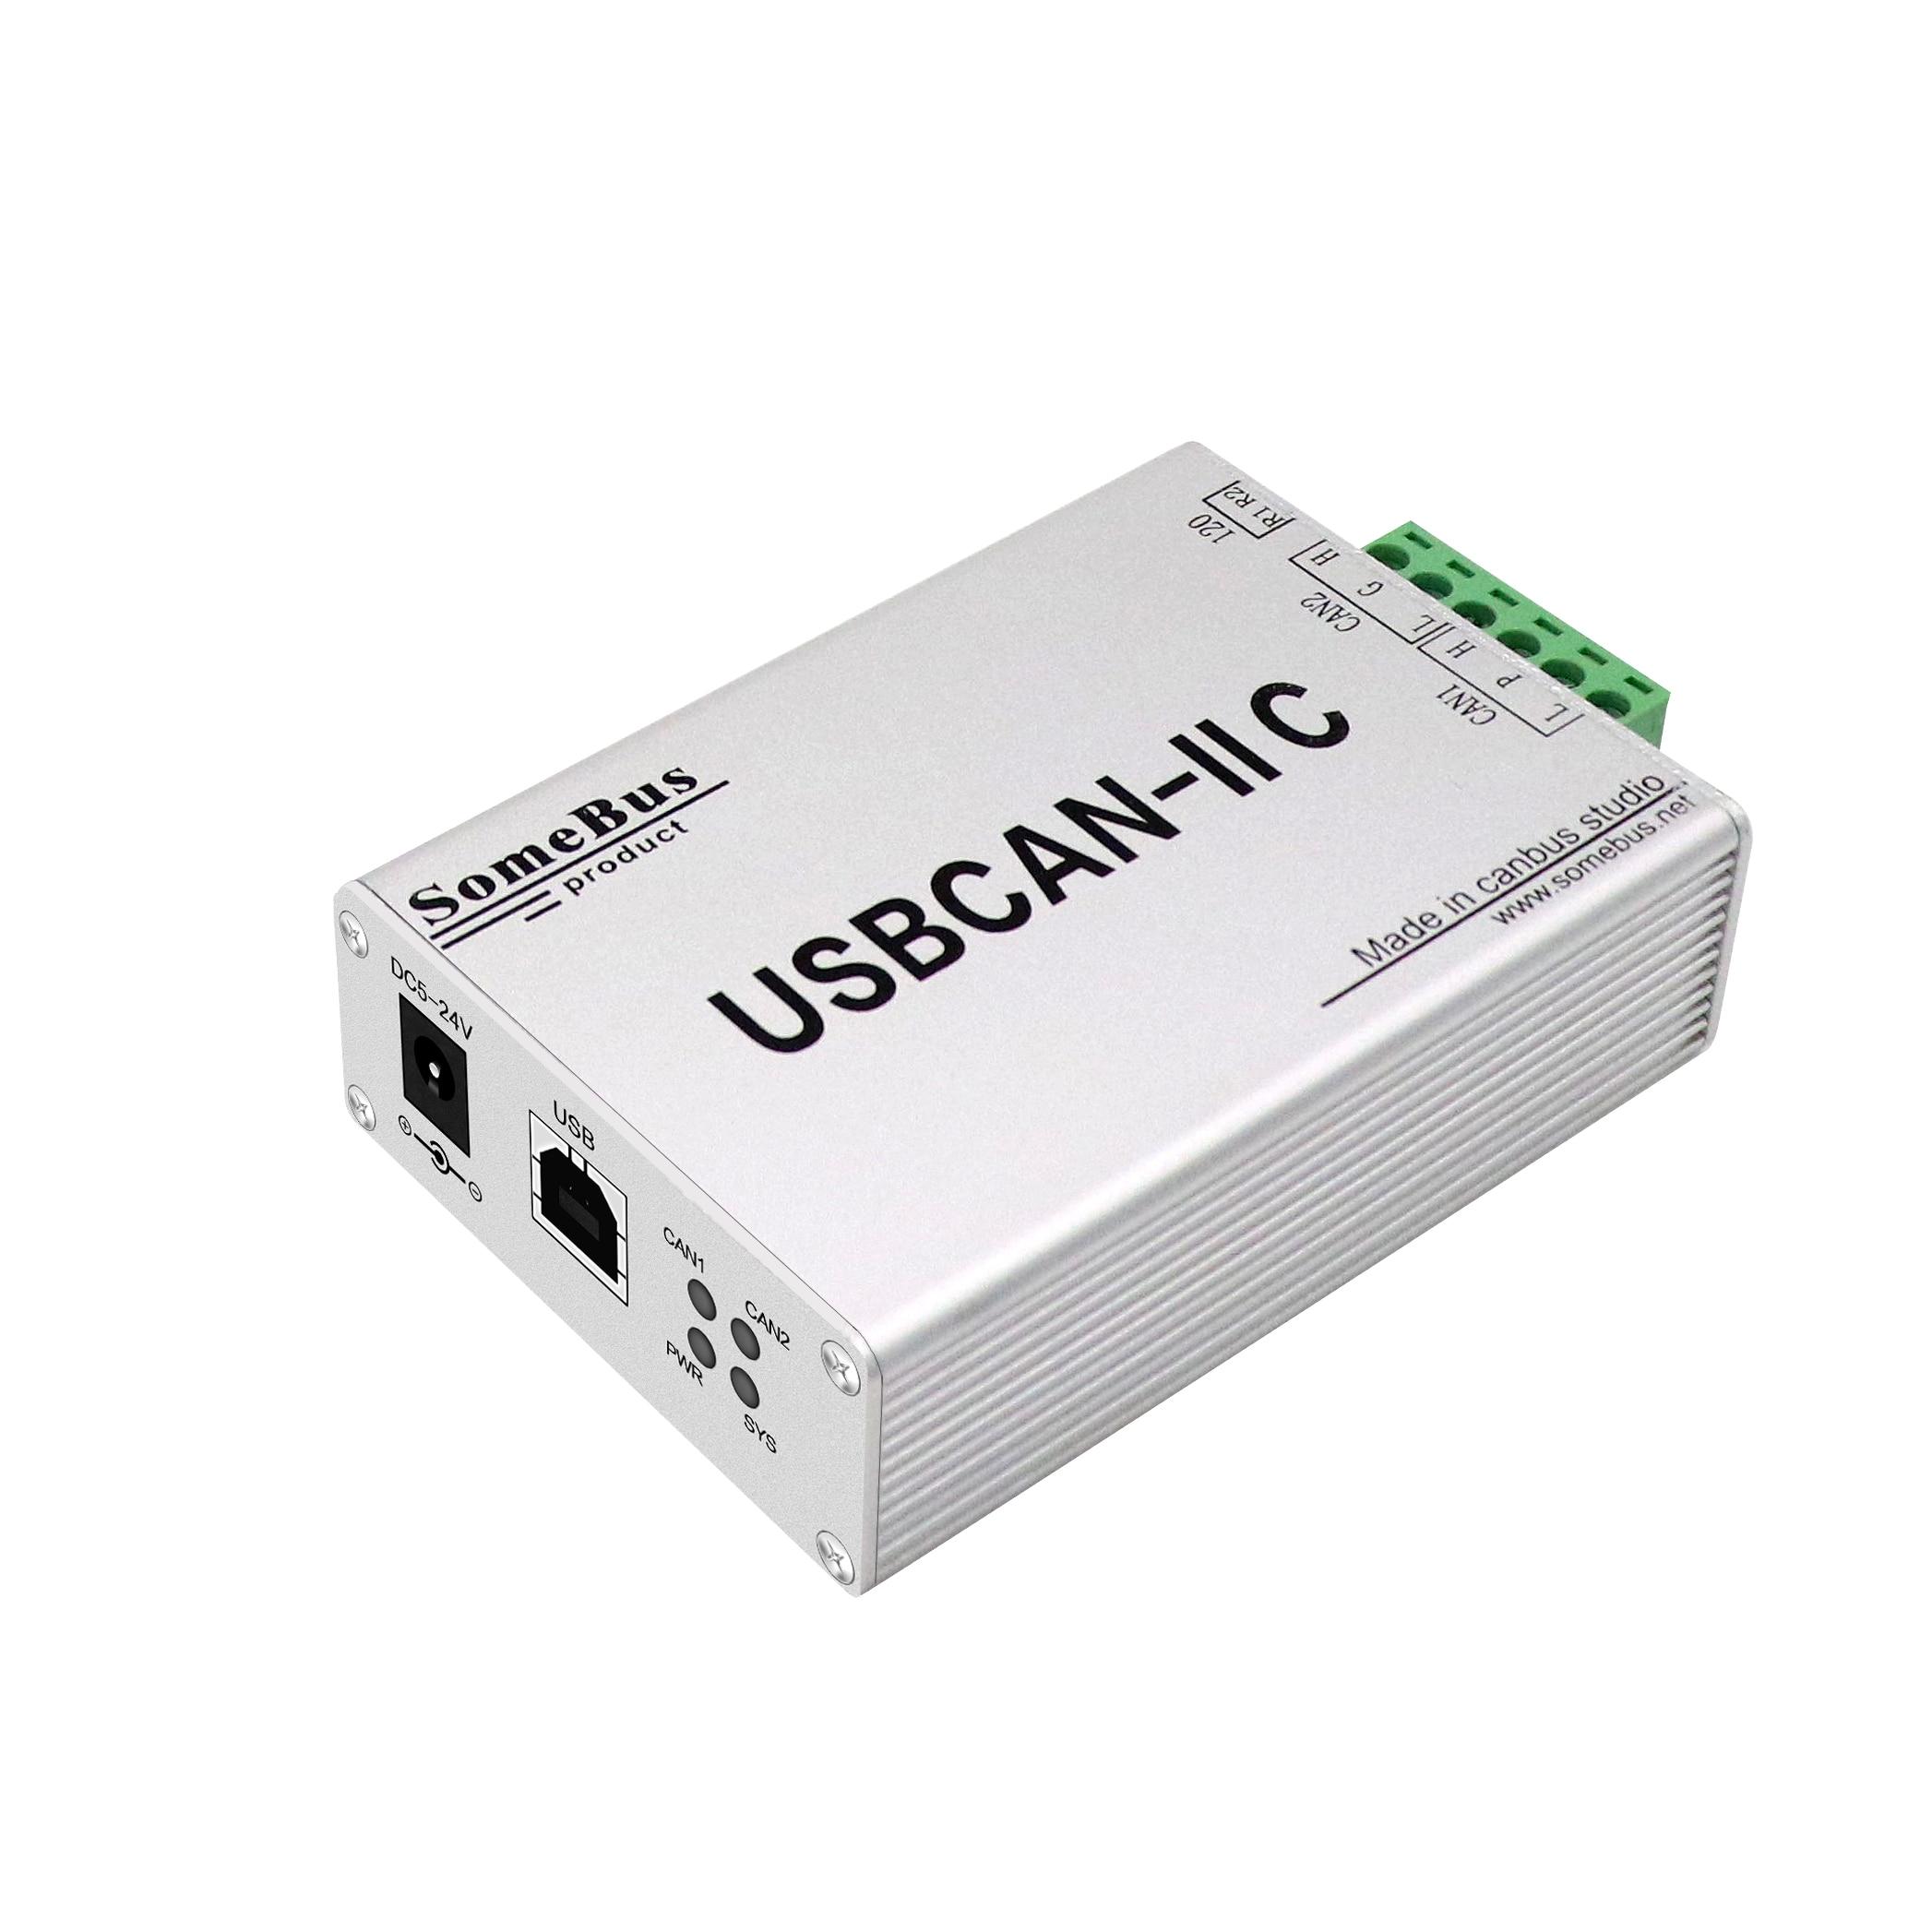 Купить usb адаптер шины can для сбора и обработки данных сети bus реализации